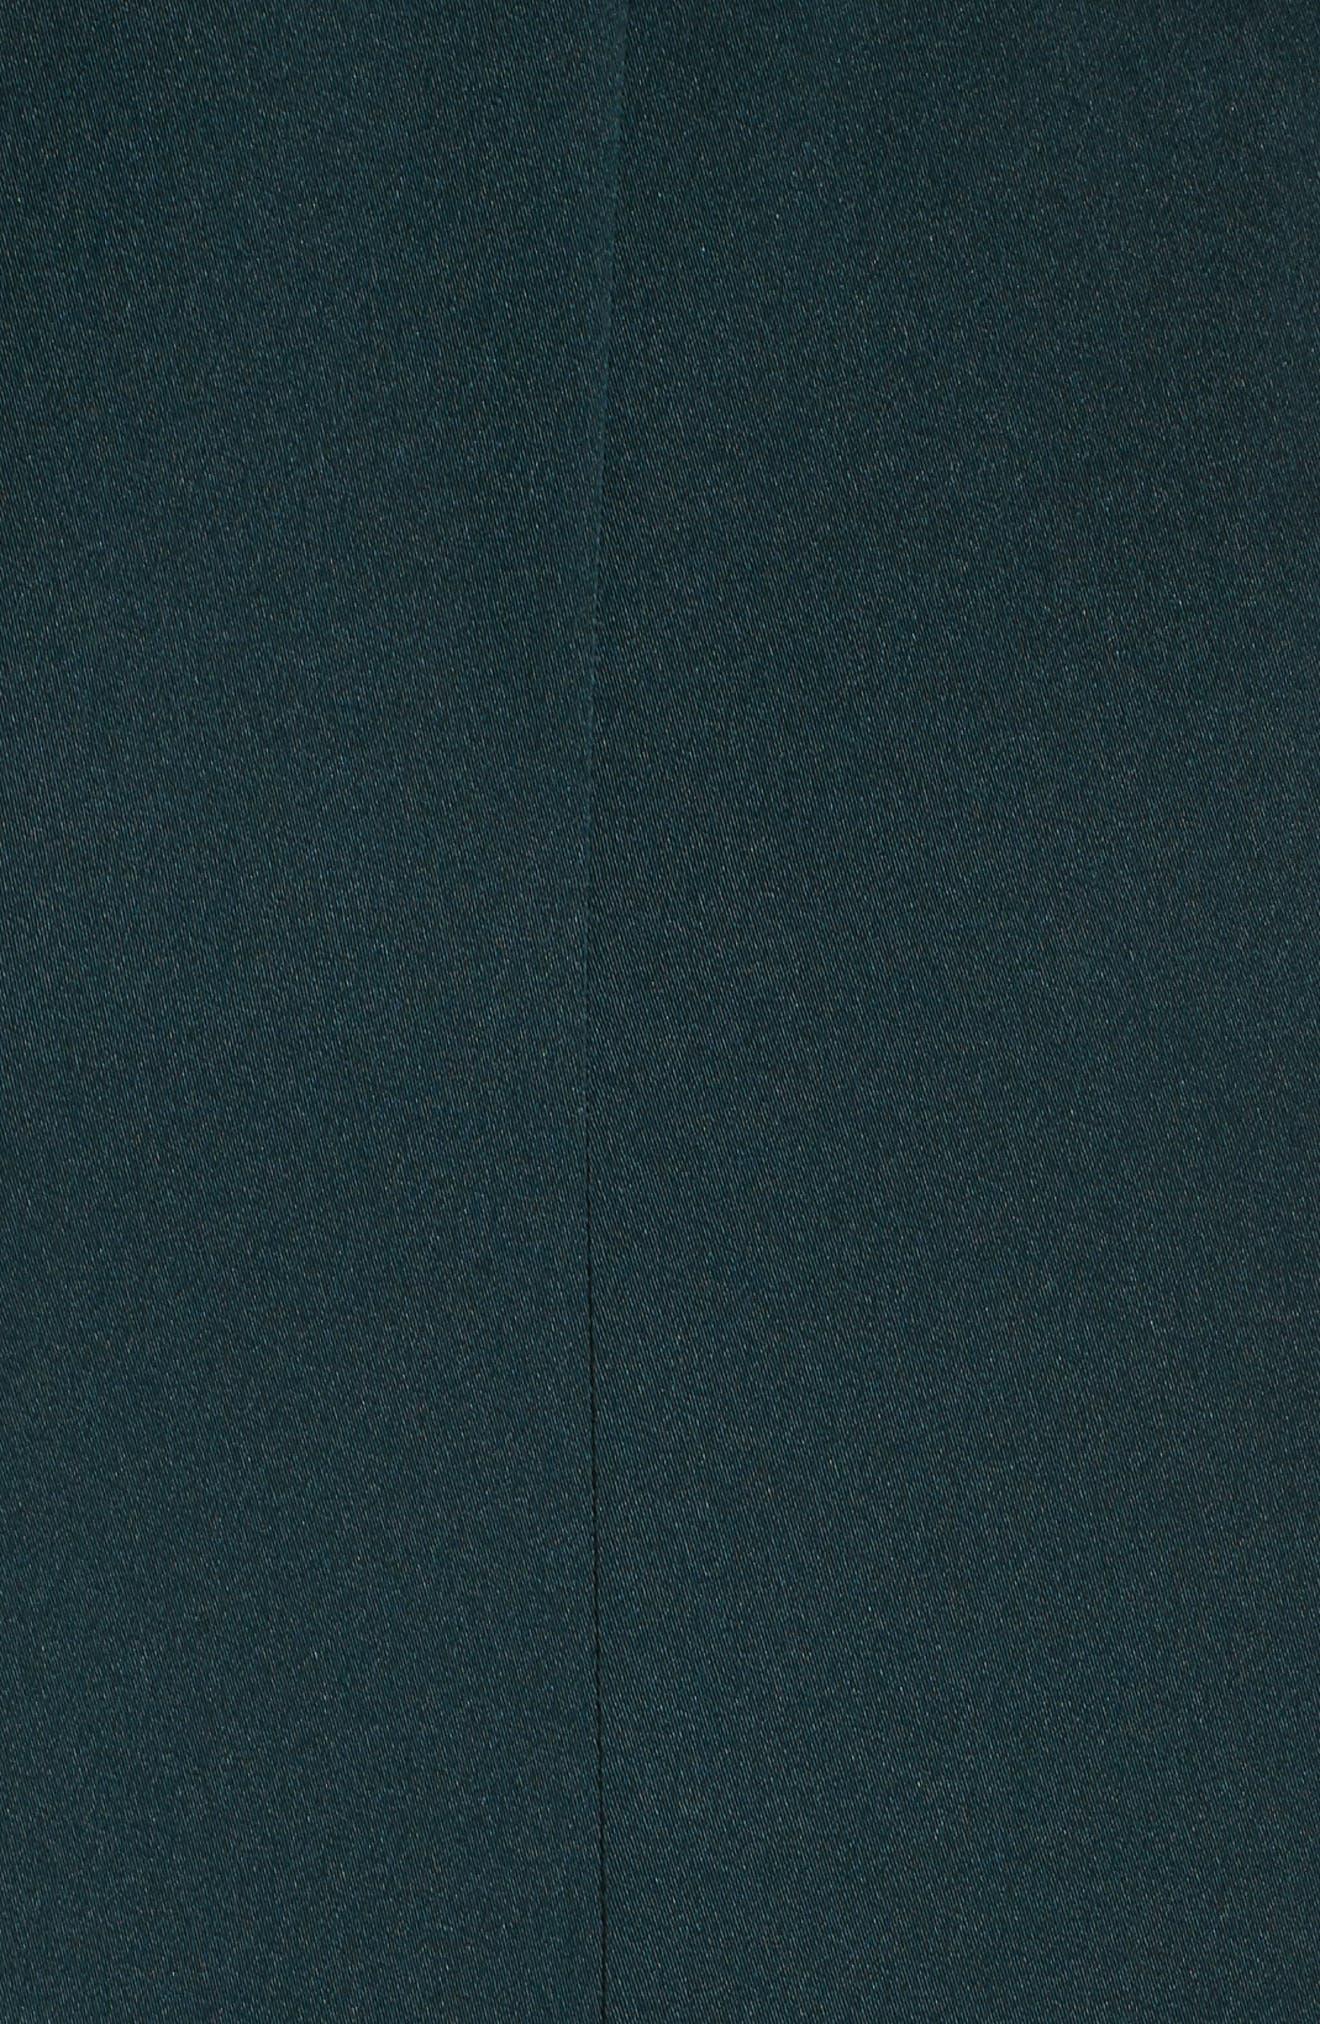 Embellished Fit & Flare Dress,                             Alternate thumbnail 6, color,                             EMERALD